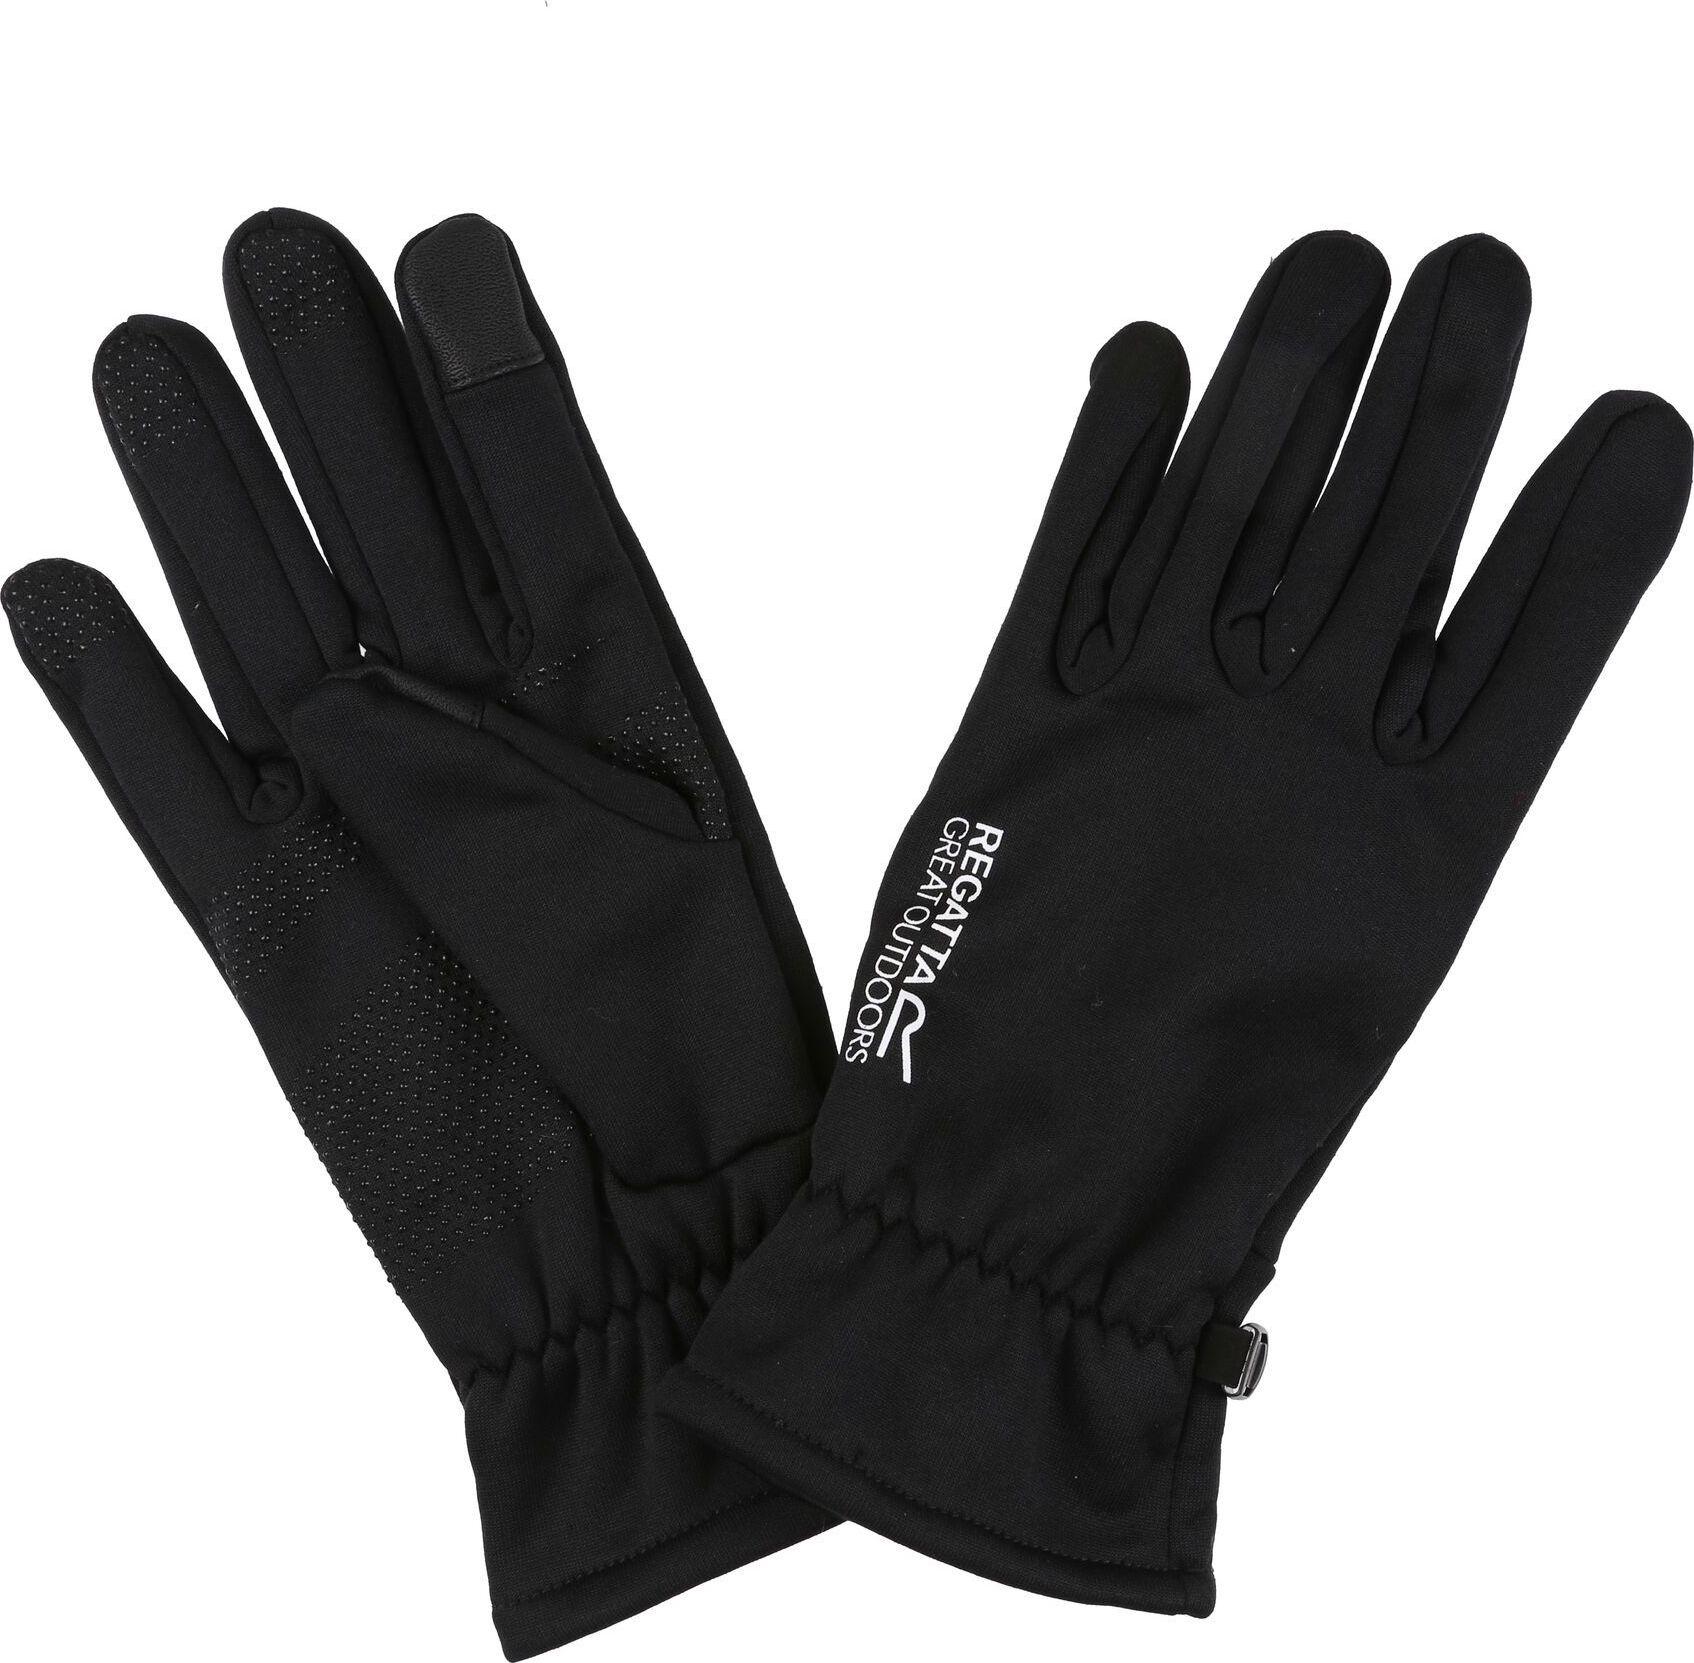 Pánské  softshellové rukavice  Regatta RMG026 Touchtip 800 Černé